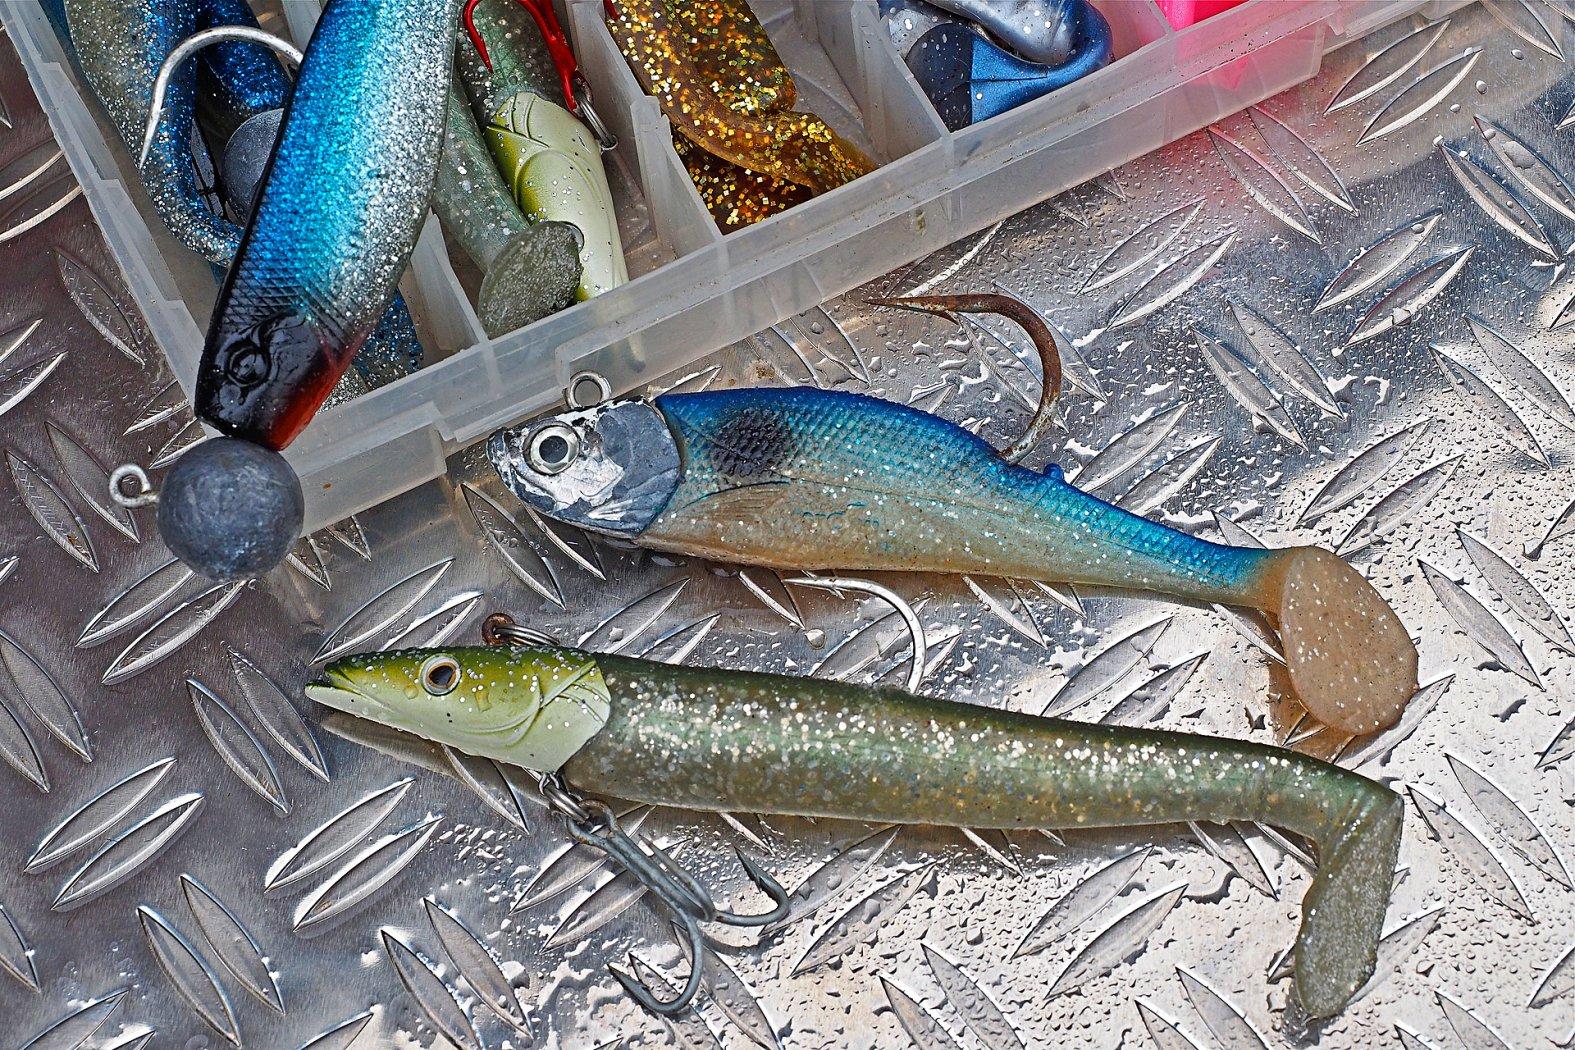 Gummifische zu Köhler angeln